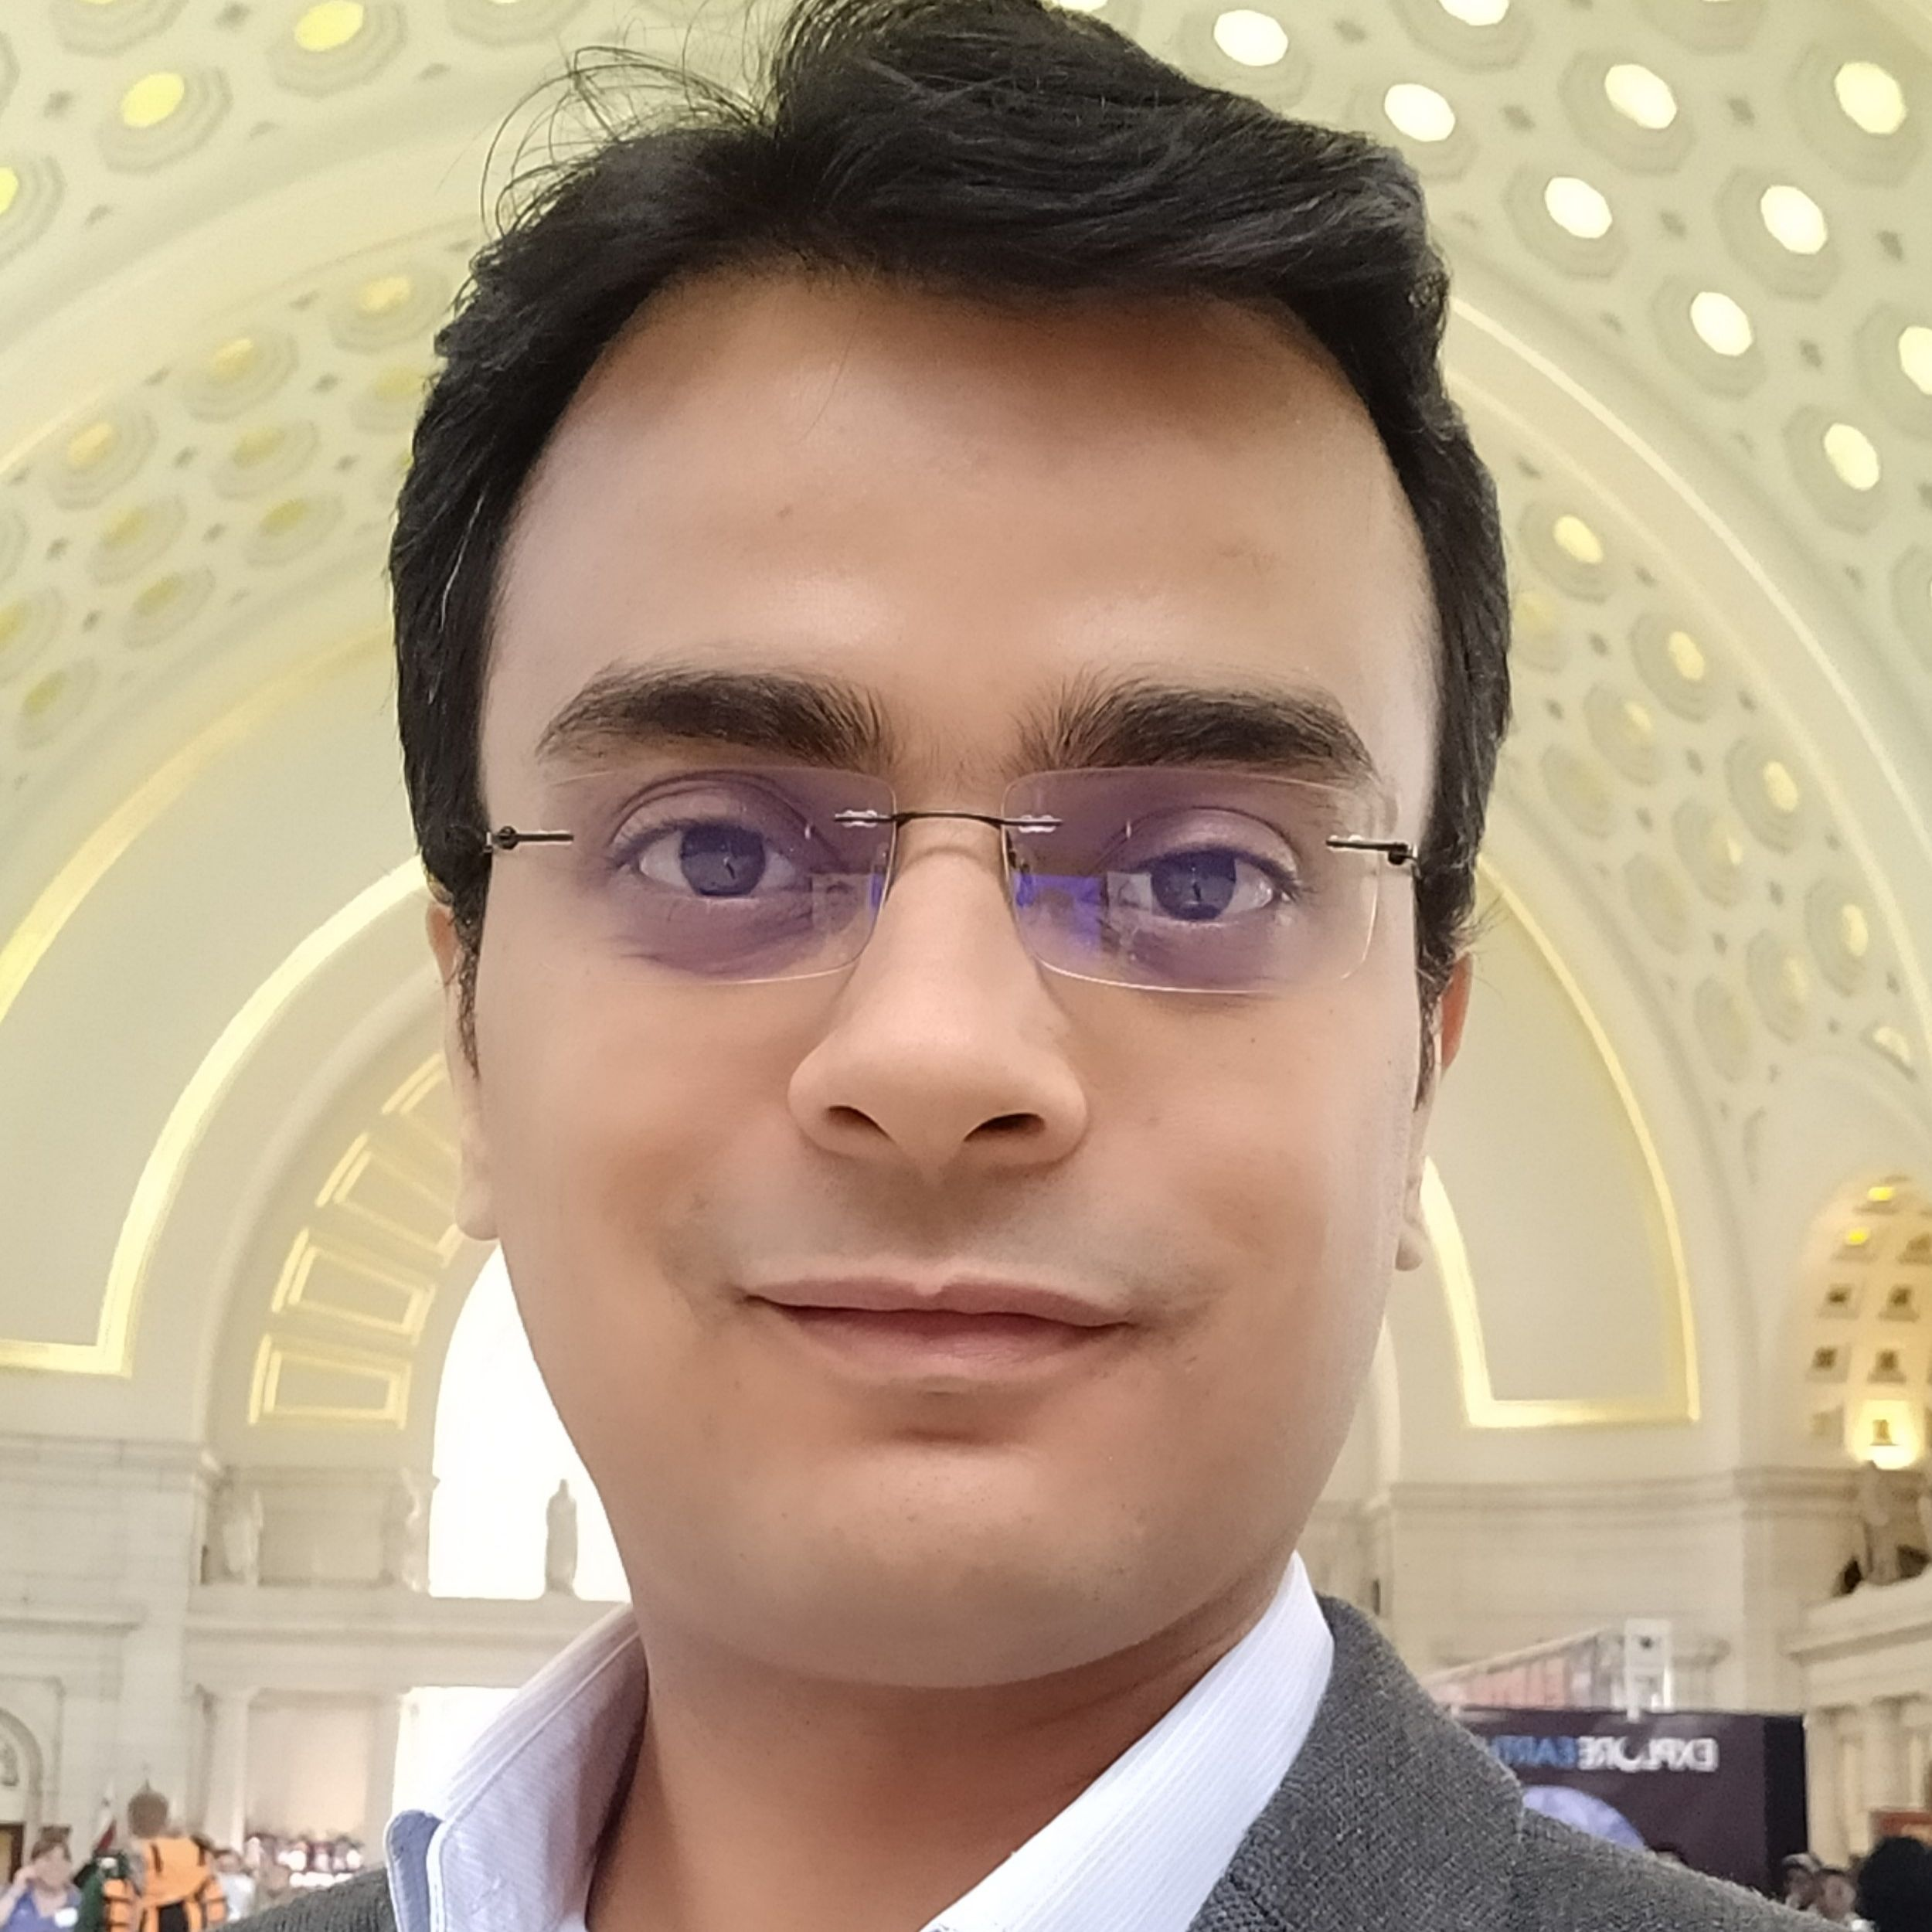 Hitesh Kumar